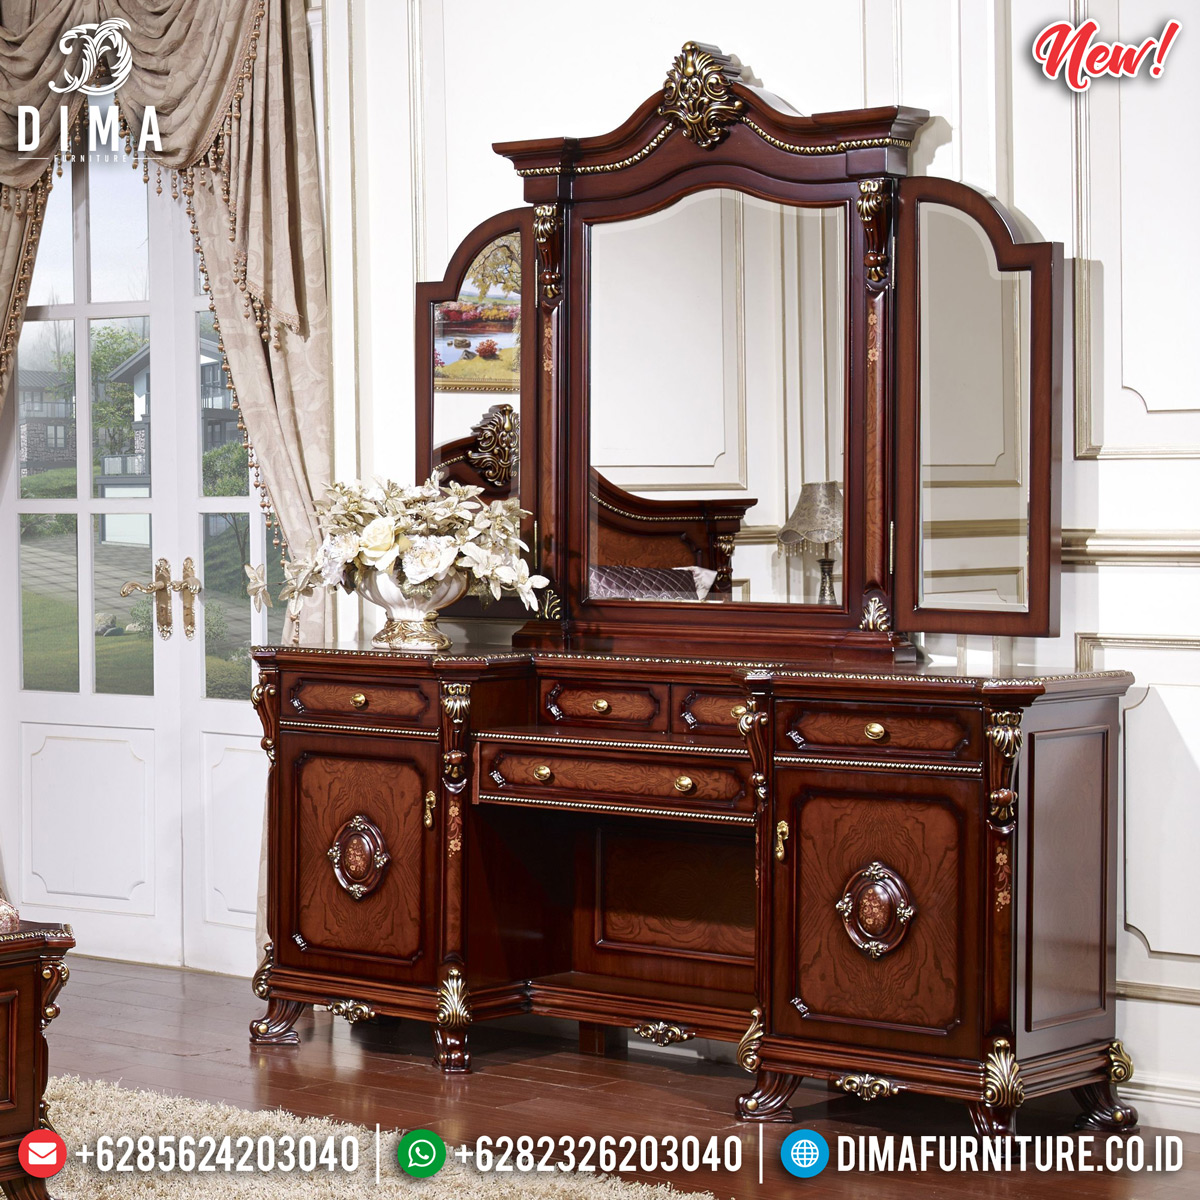 Set Meja Rias Mewah New Luxury Carving Vanity Room Beautiful Design MMJ-0824